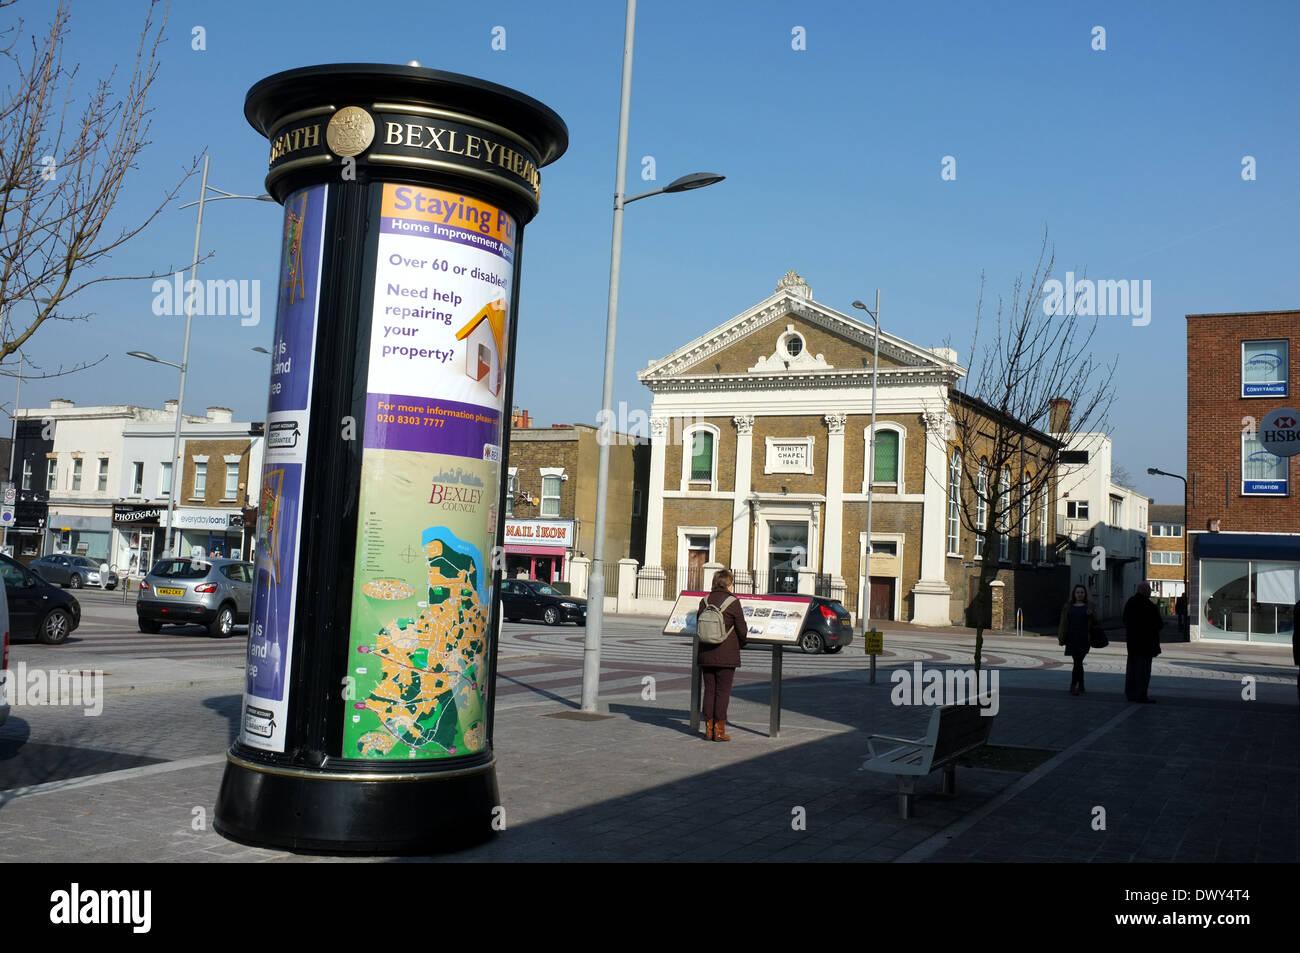 Bexleyheath città contea del Kent a sud est di Londra Regno Unito 2014 Immagini Stock